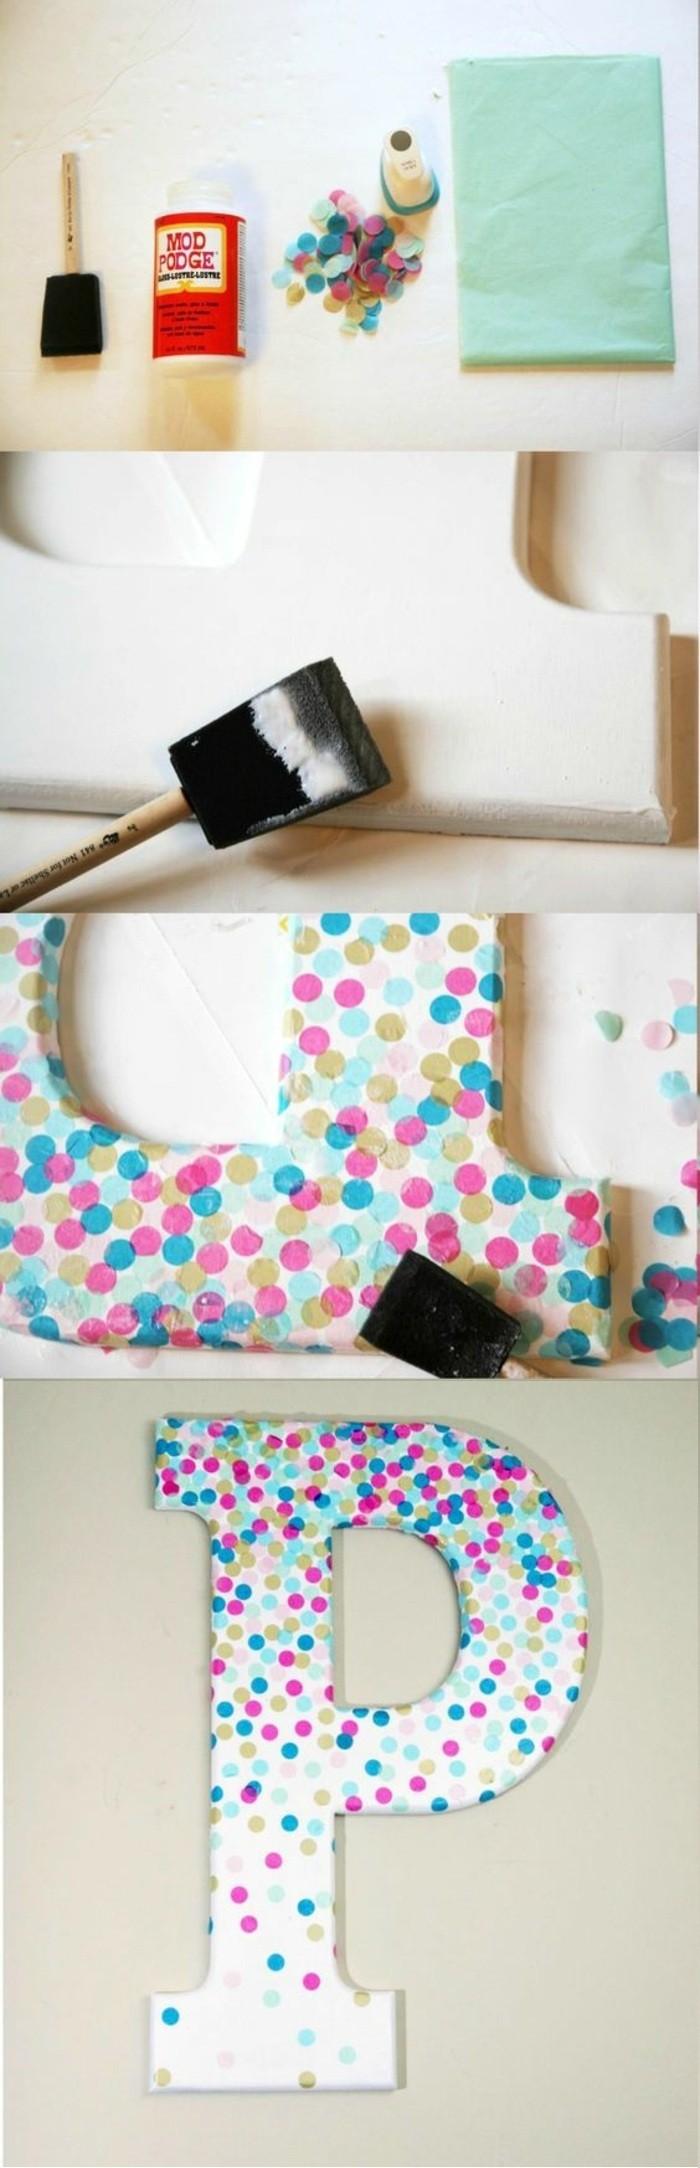 wanddeko-selber-machen-wohnideen-selber-machen-buchstabe-mit-buntem-papier-dekorieren